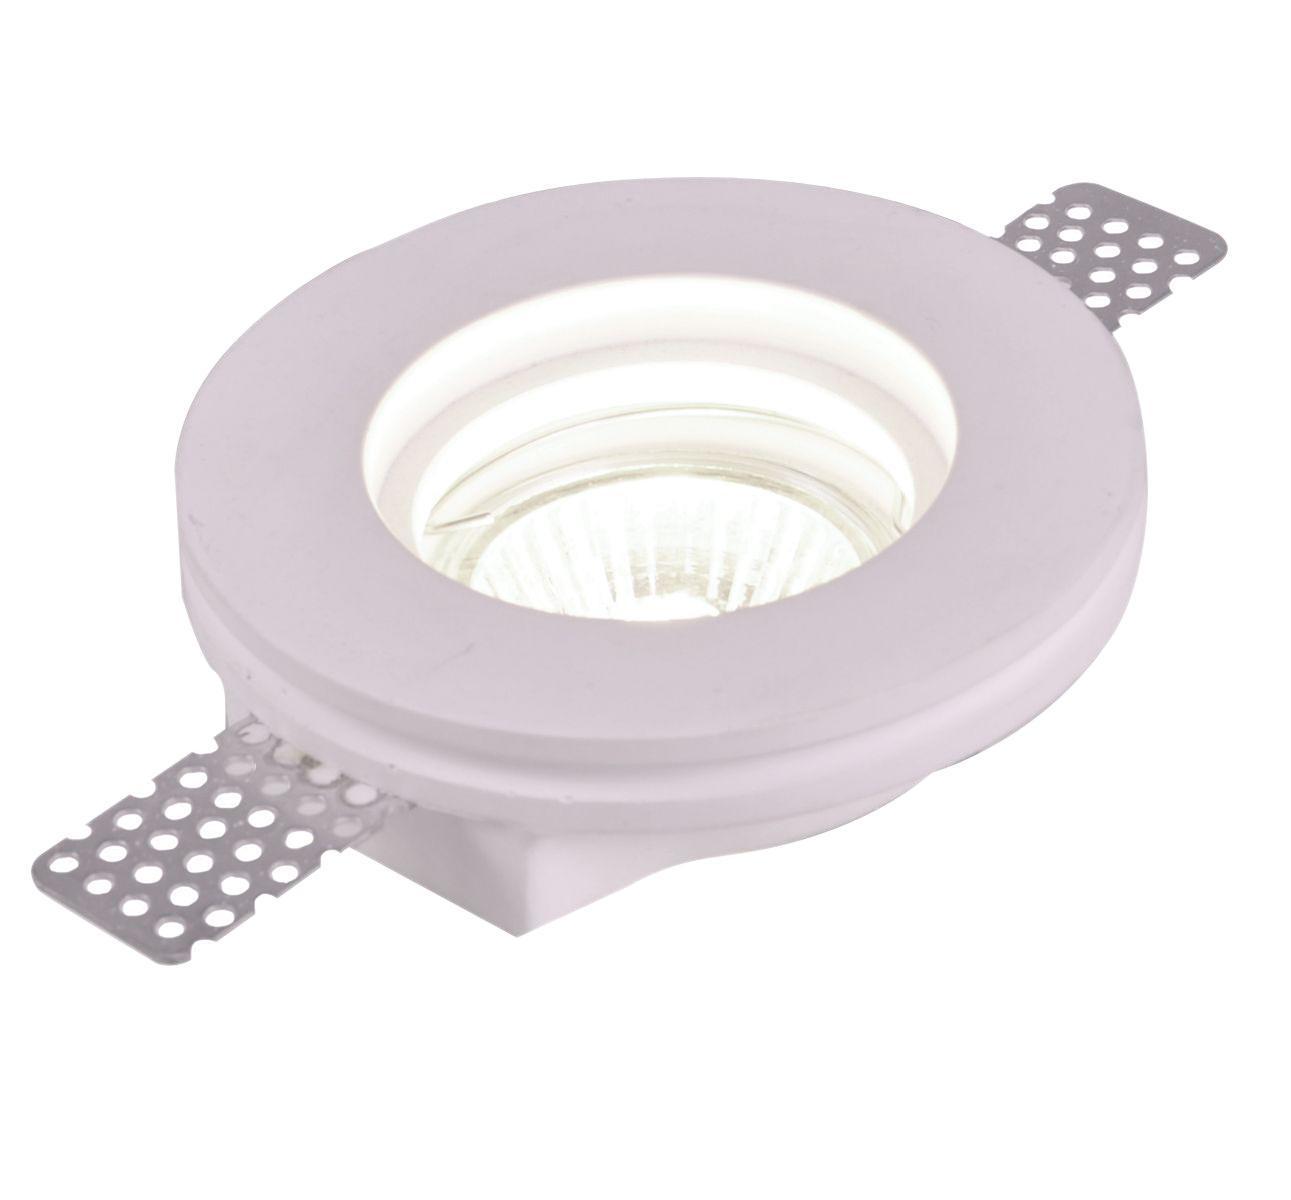 Светильник встраиваемый Arte lampСветильники встраиваемые<br>Стиль светильника: модерн,<br>Диаметр: 100,<br>Форма светильника: круг,<br>Материал светильника: металл,<br>Количество ламп: 1,<br>Тип лампы: накаливания,<br>Мощность: 35,<br>Патрон: GU10,<br>Цвет арматуры: белый,<br>Назначение светильника: для комнаты,<br>Вес нетто: 0.2,<br>Коллекция: 9210<br>